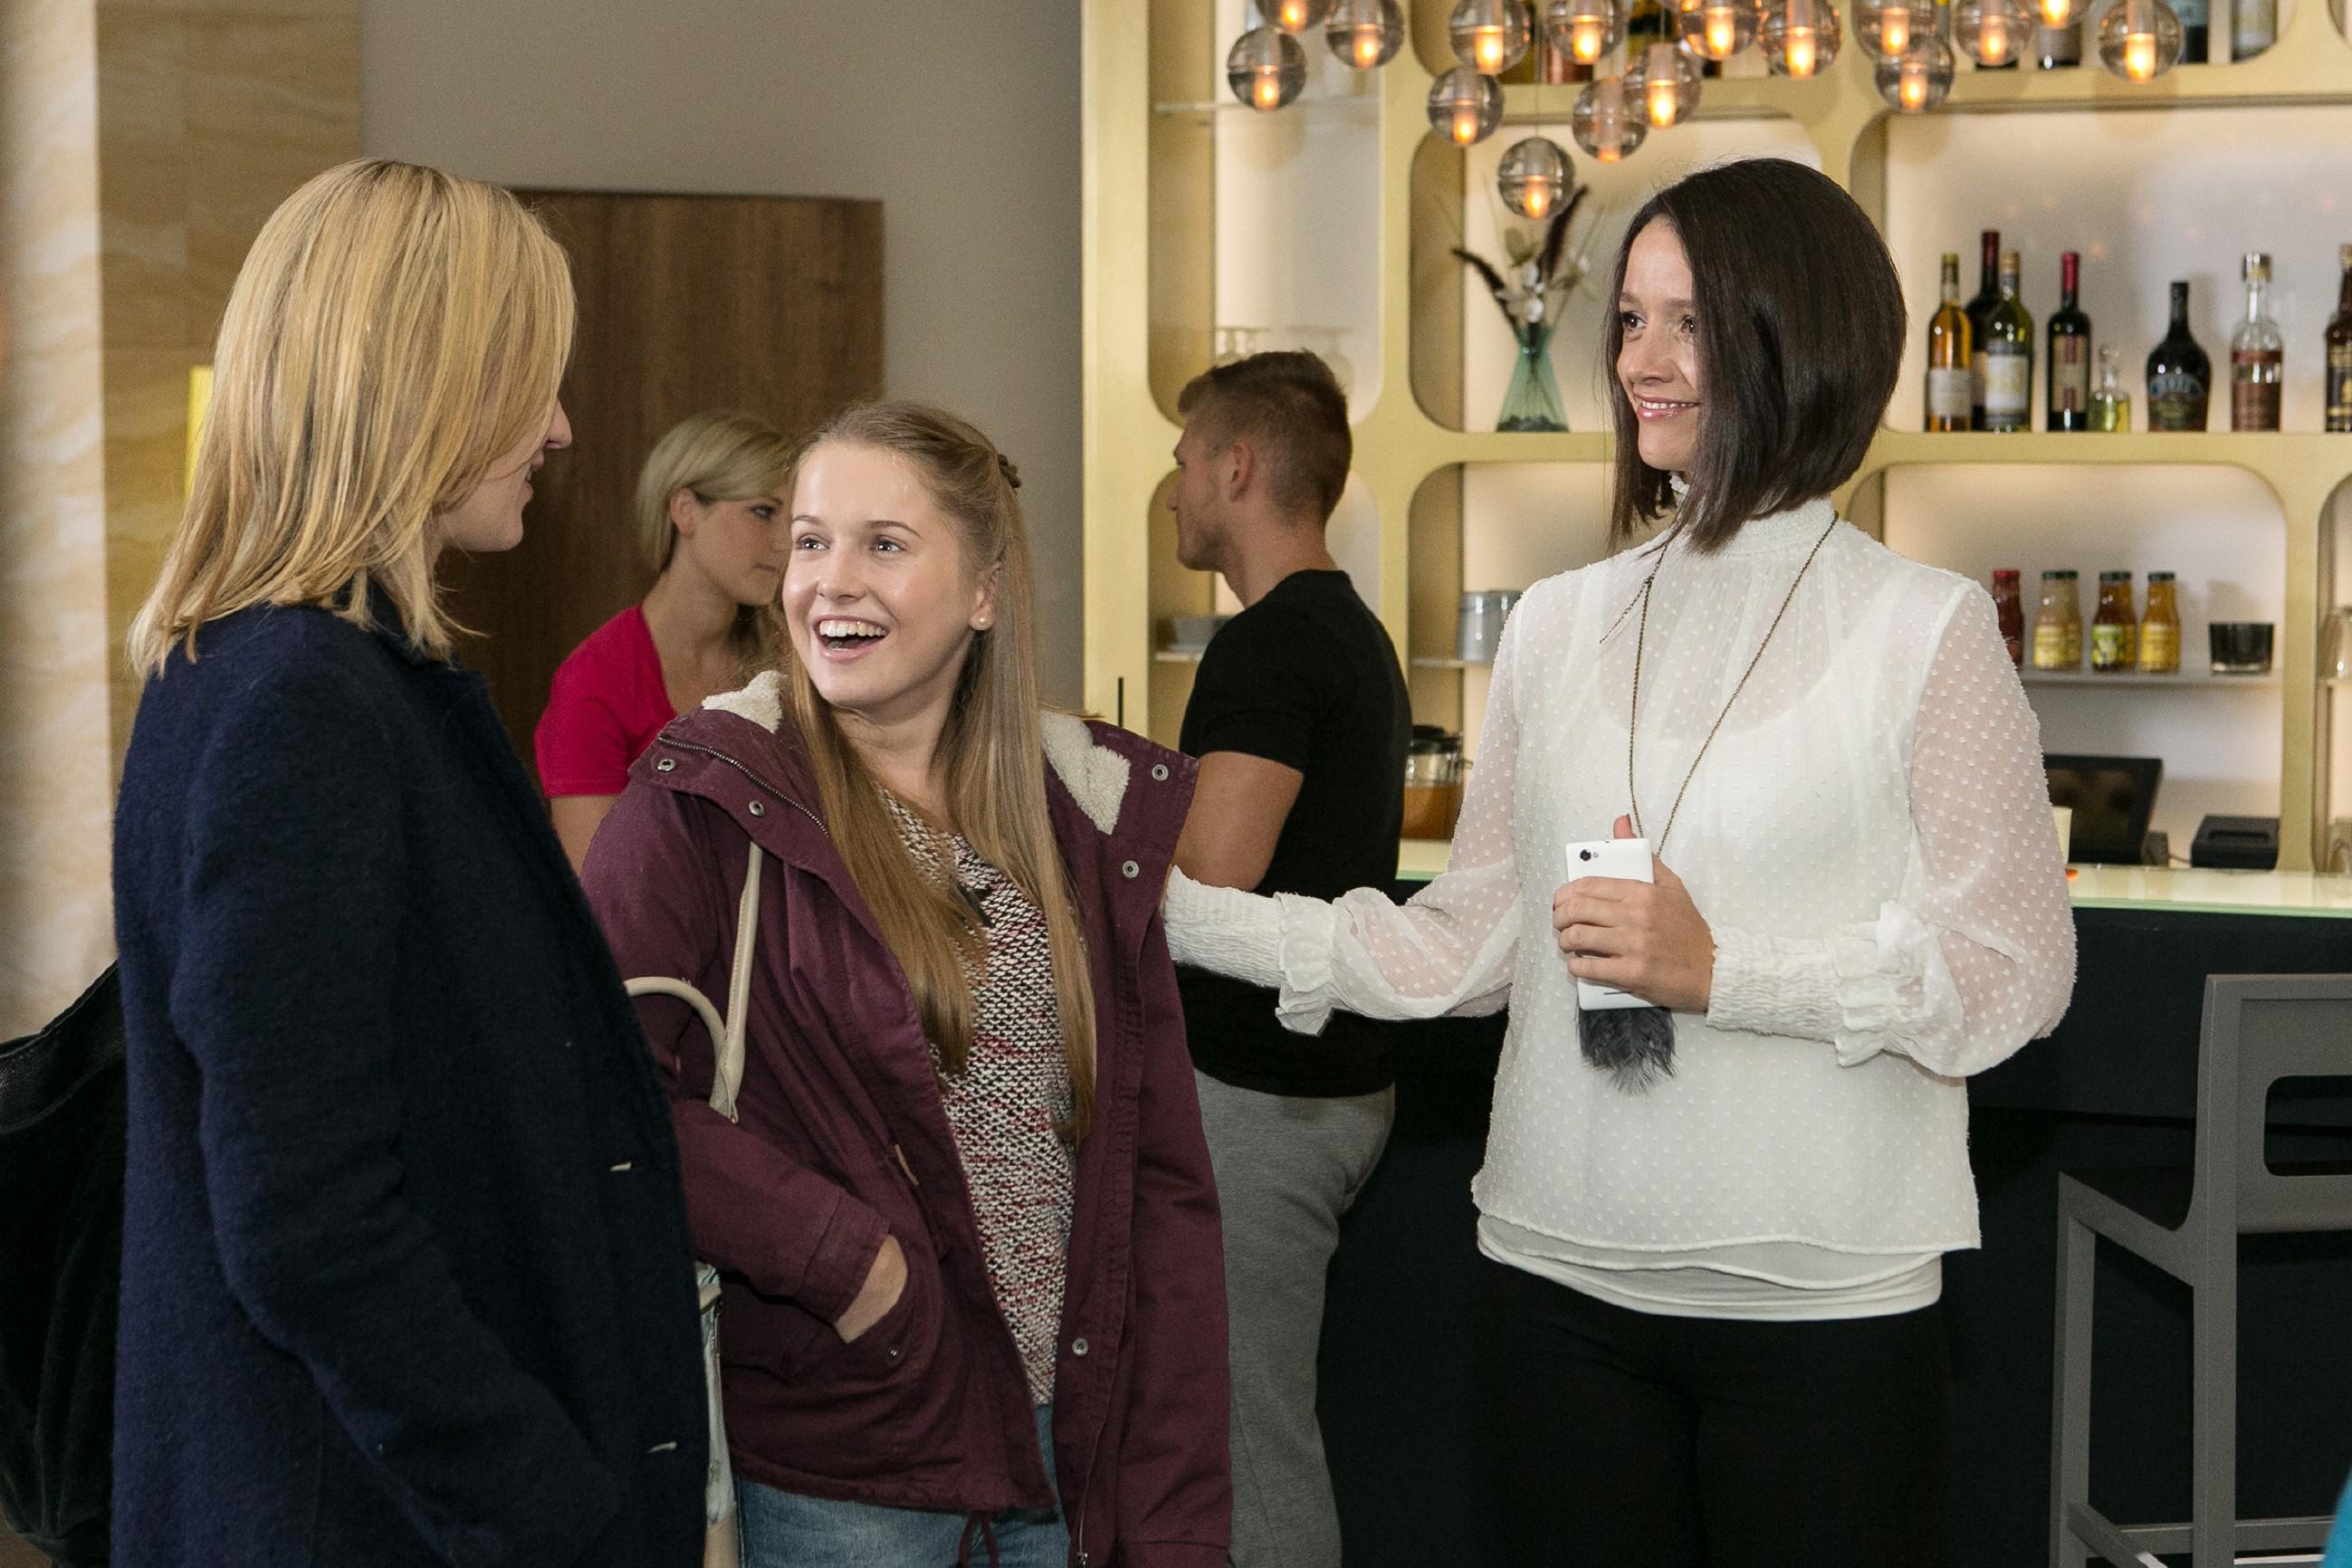 Jenny (Kaja Schmidt-Tychsen, r.) teilt Sonja (Barbara Sotelsek, l.) und Flo (Julia Albrecht) mit, dass Flo das neue VibraFace werden soll, weil Marie durch ihren Unfall verhindert ist. (Quelle: RTL / Kai Schulz)